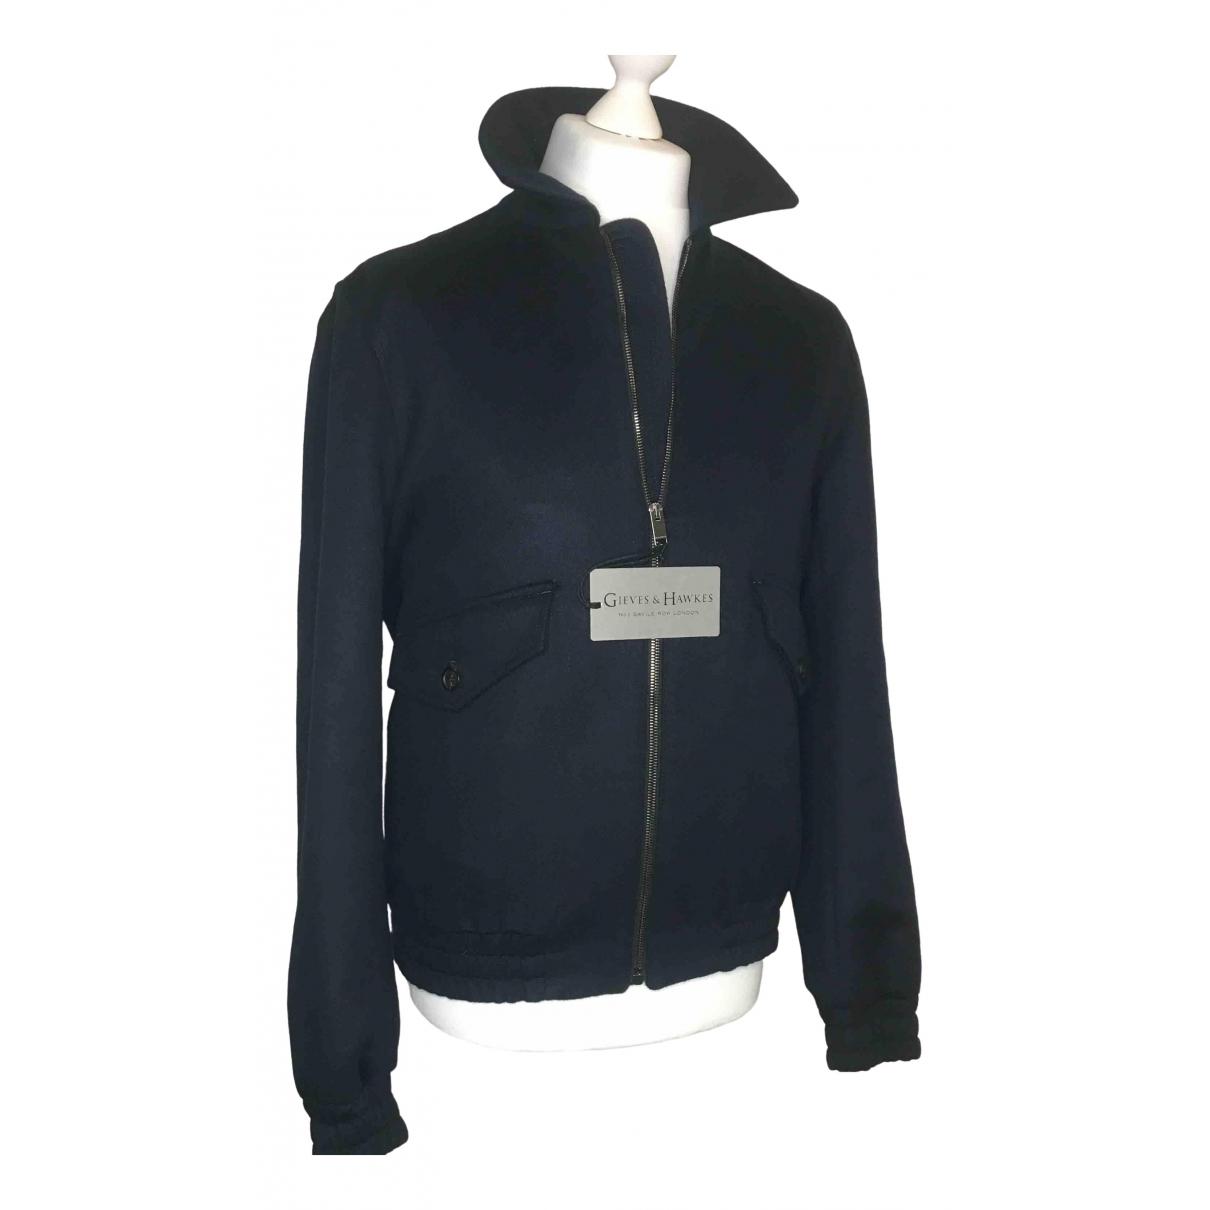 Gieves & Hawkes - Manteau   pour homme en laine - marine